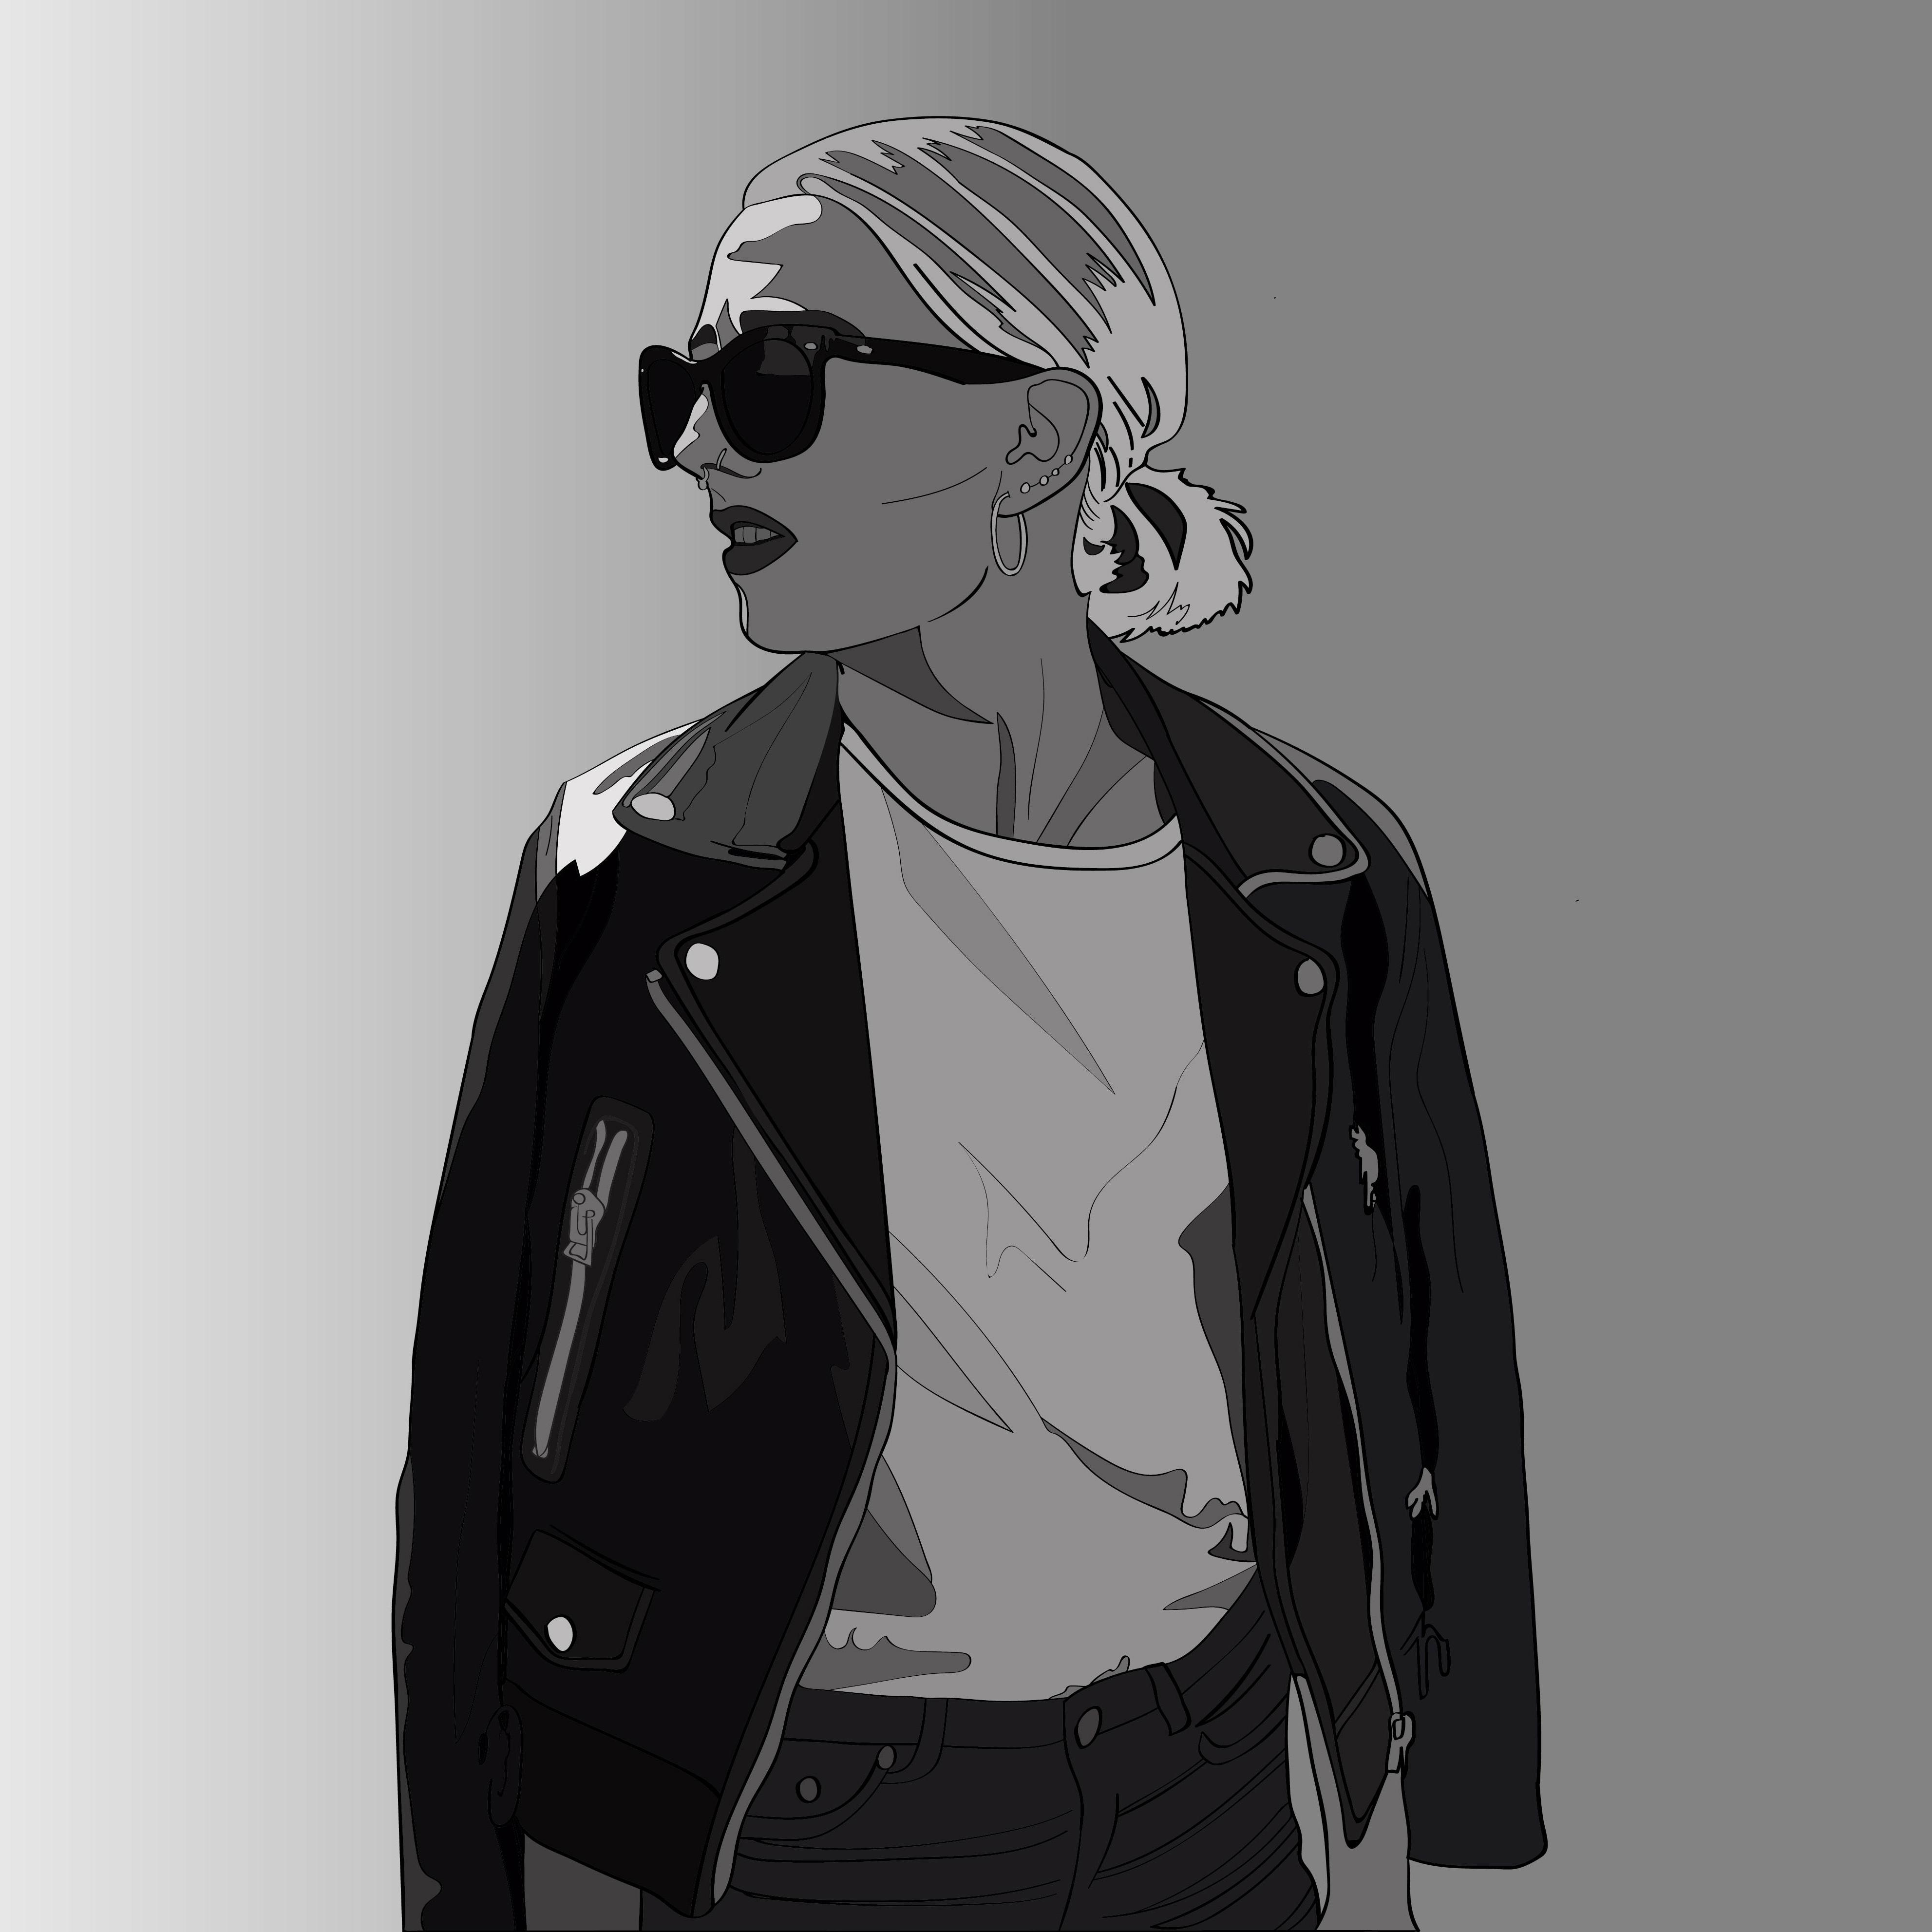 Elin: Black&White Detailed Line Art